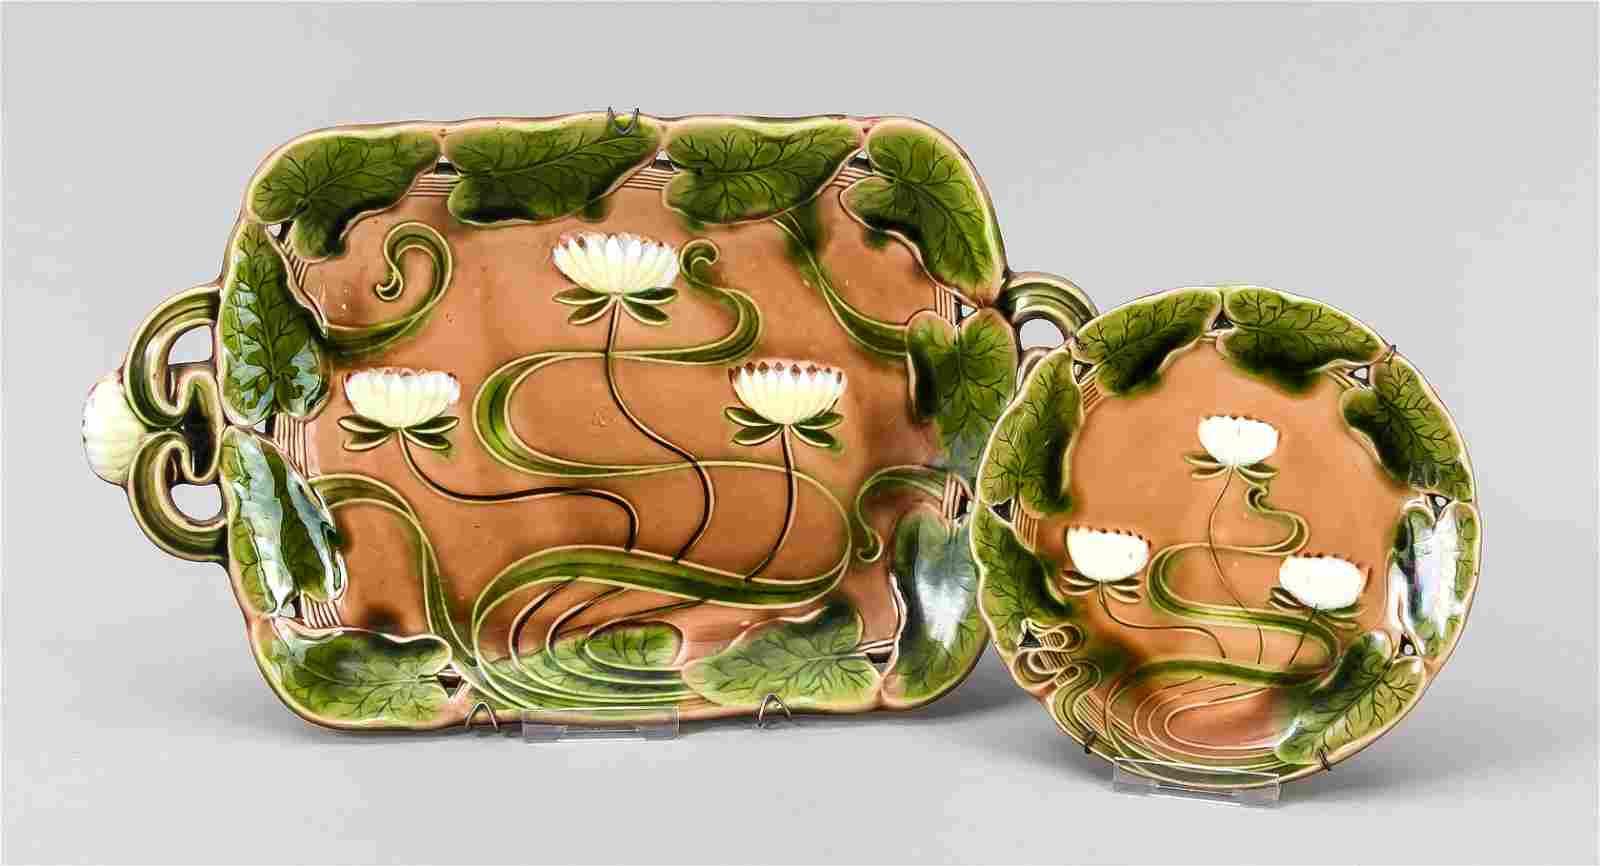 Two Art Nouveau pieces, Viller